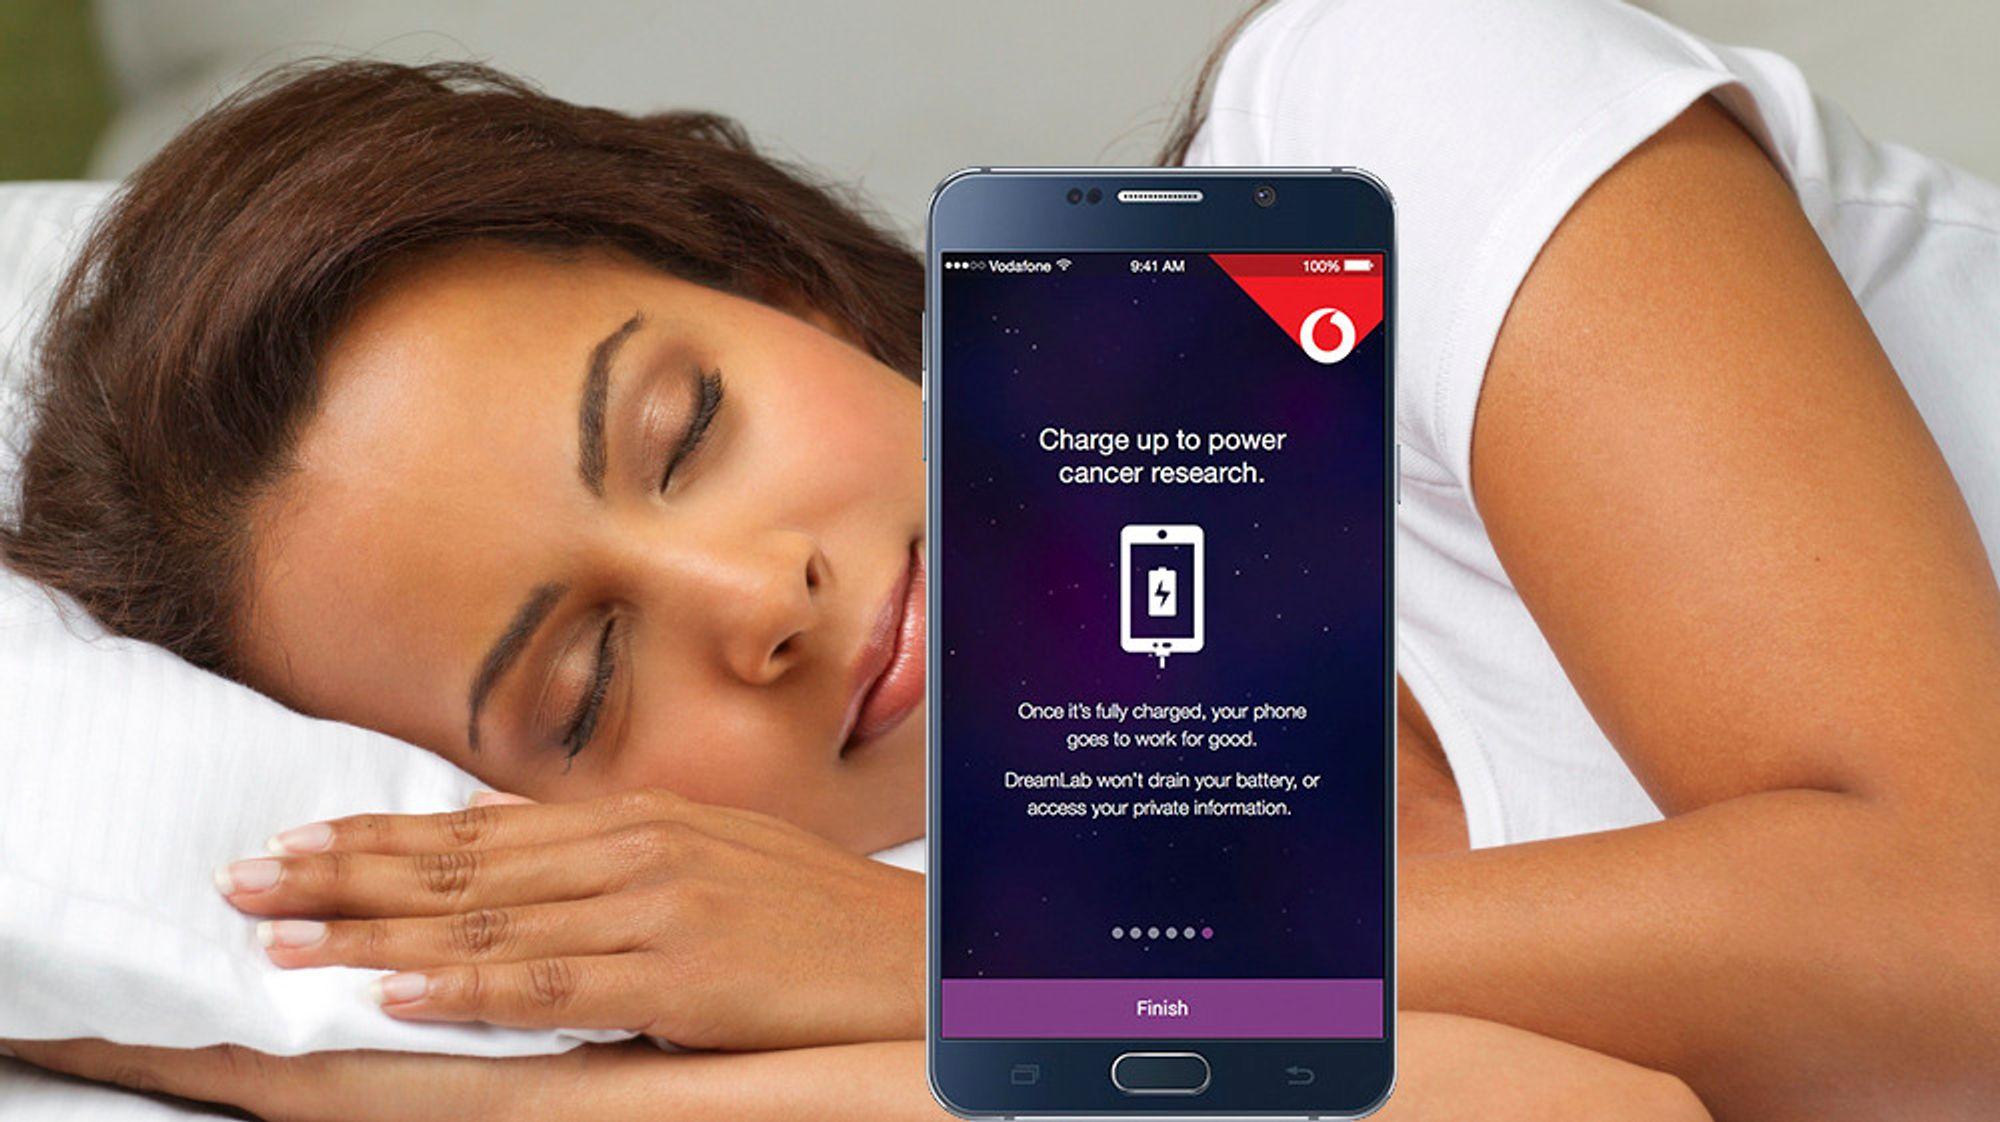 DreamLab-appen kan kjøres for eksempel nå brukeren sover. En forutsetning er dog at mobilen er koblet til laderen.